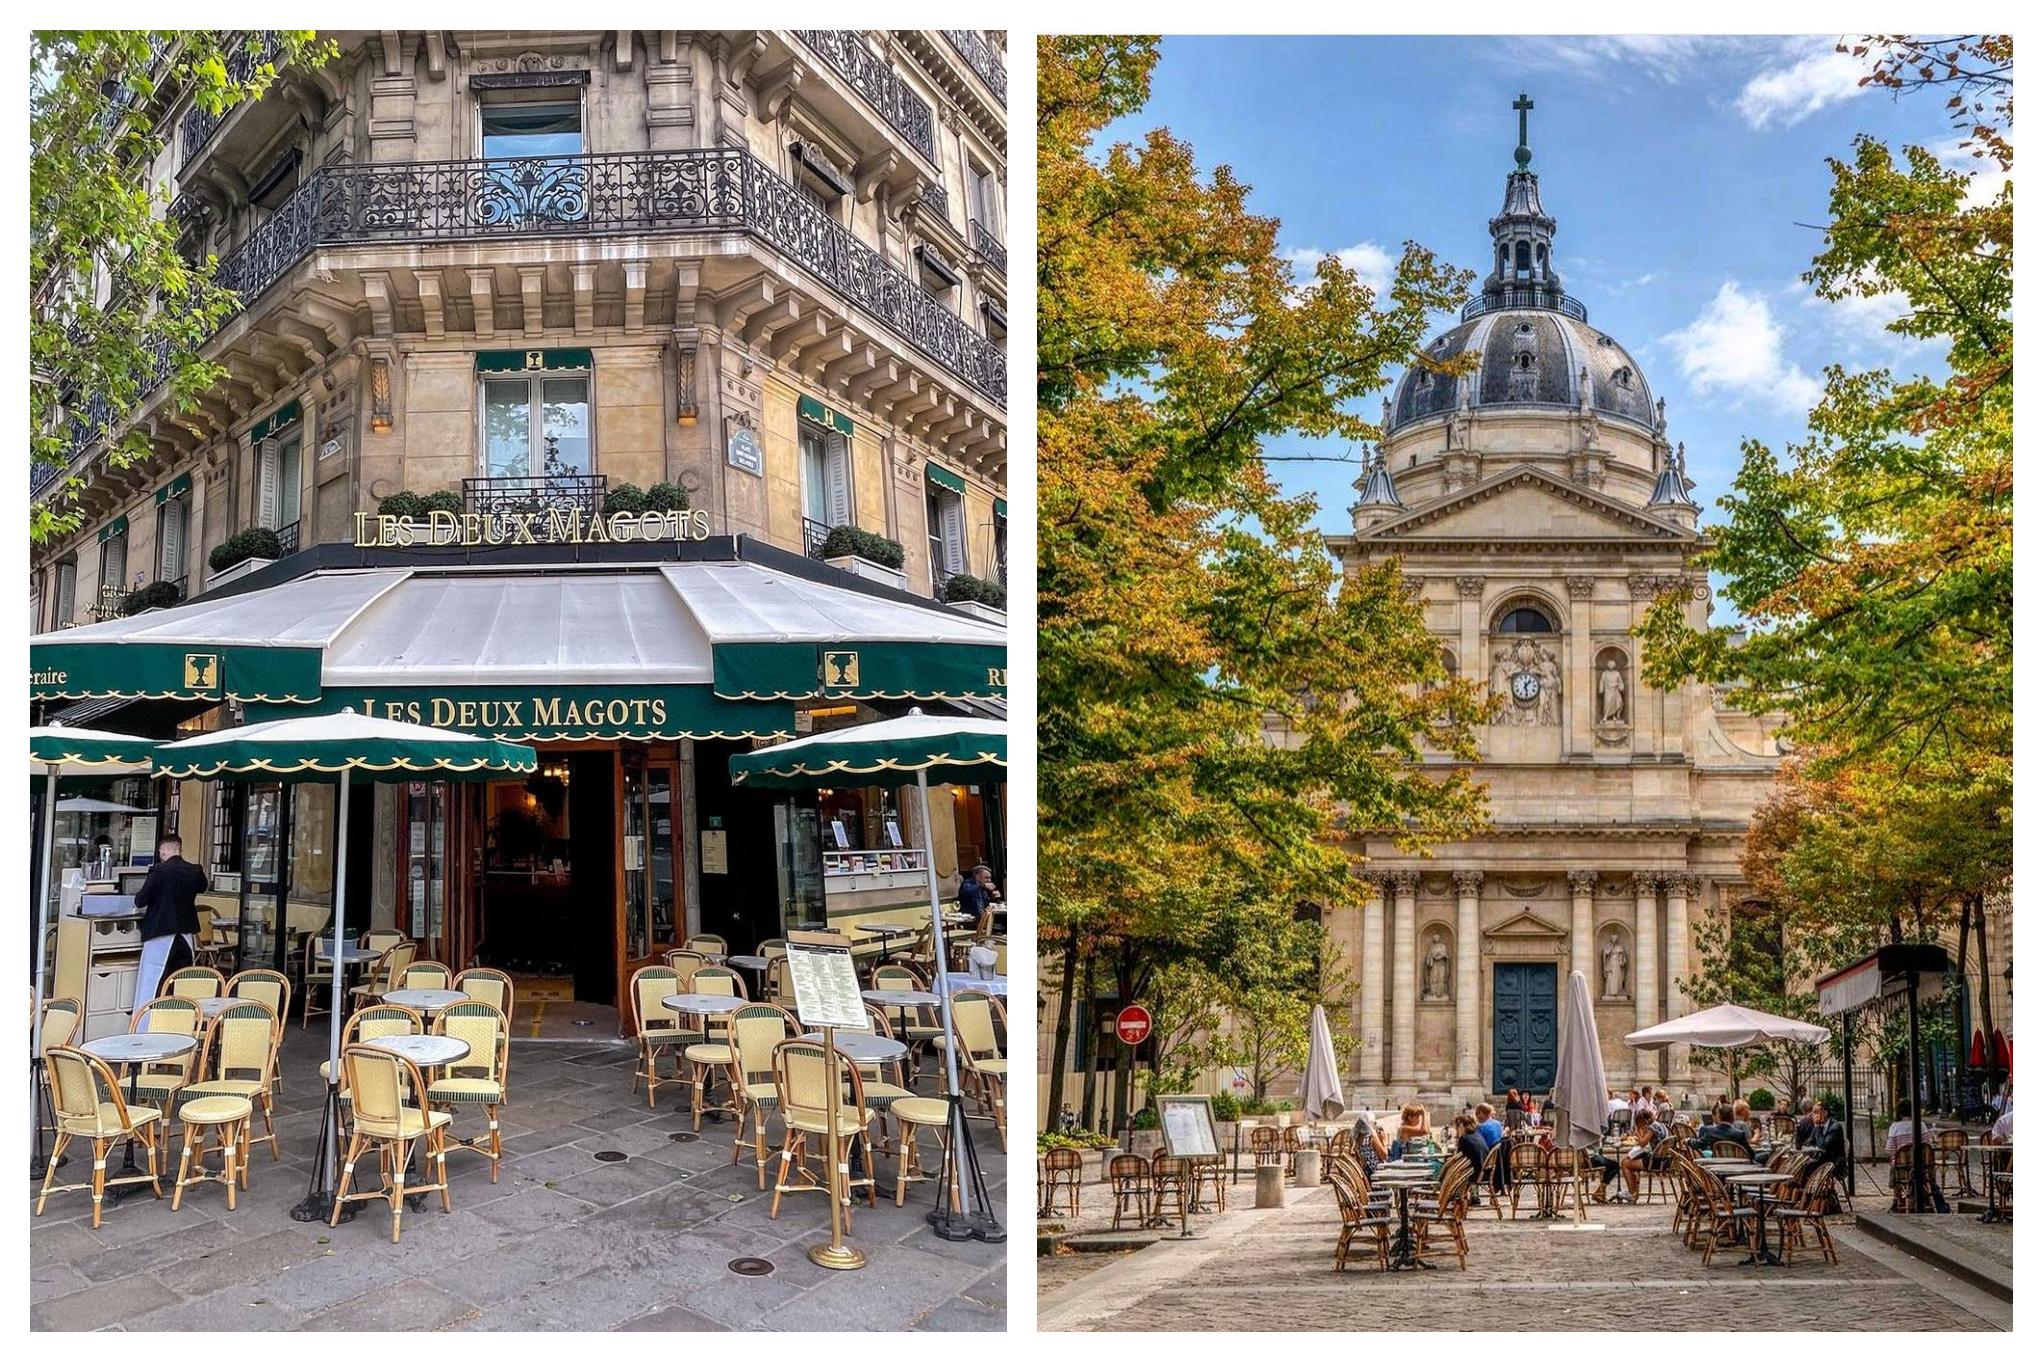 """Left: The iconic café in Saint-Germain-des-Près """"Les Deux Magots"""" with its empty terrace chairs. Right: A photo of an outdoor terrace on Place de la Sorbonne, overlooking the famous dome of La Sorbonne university."""